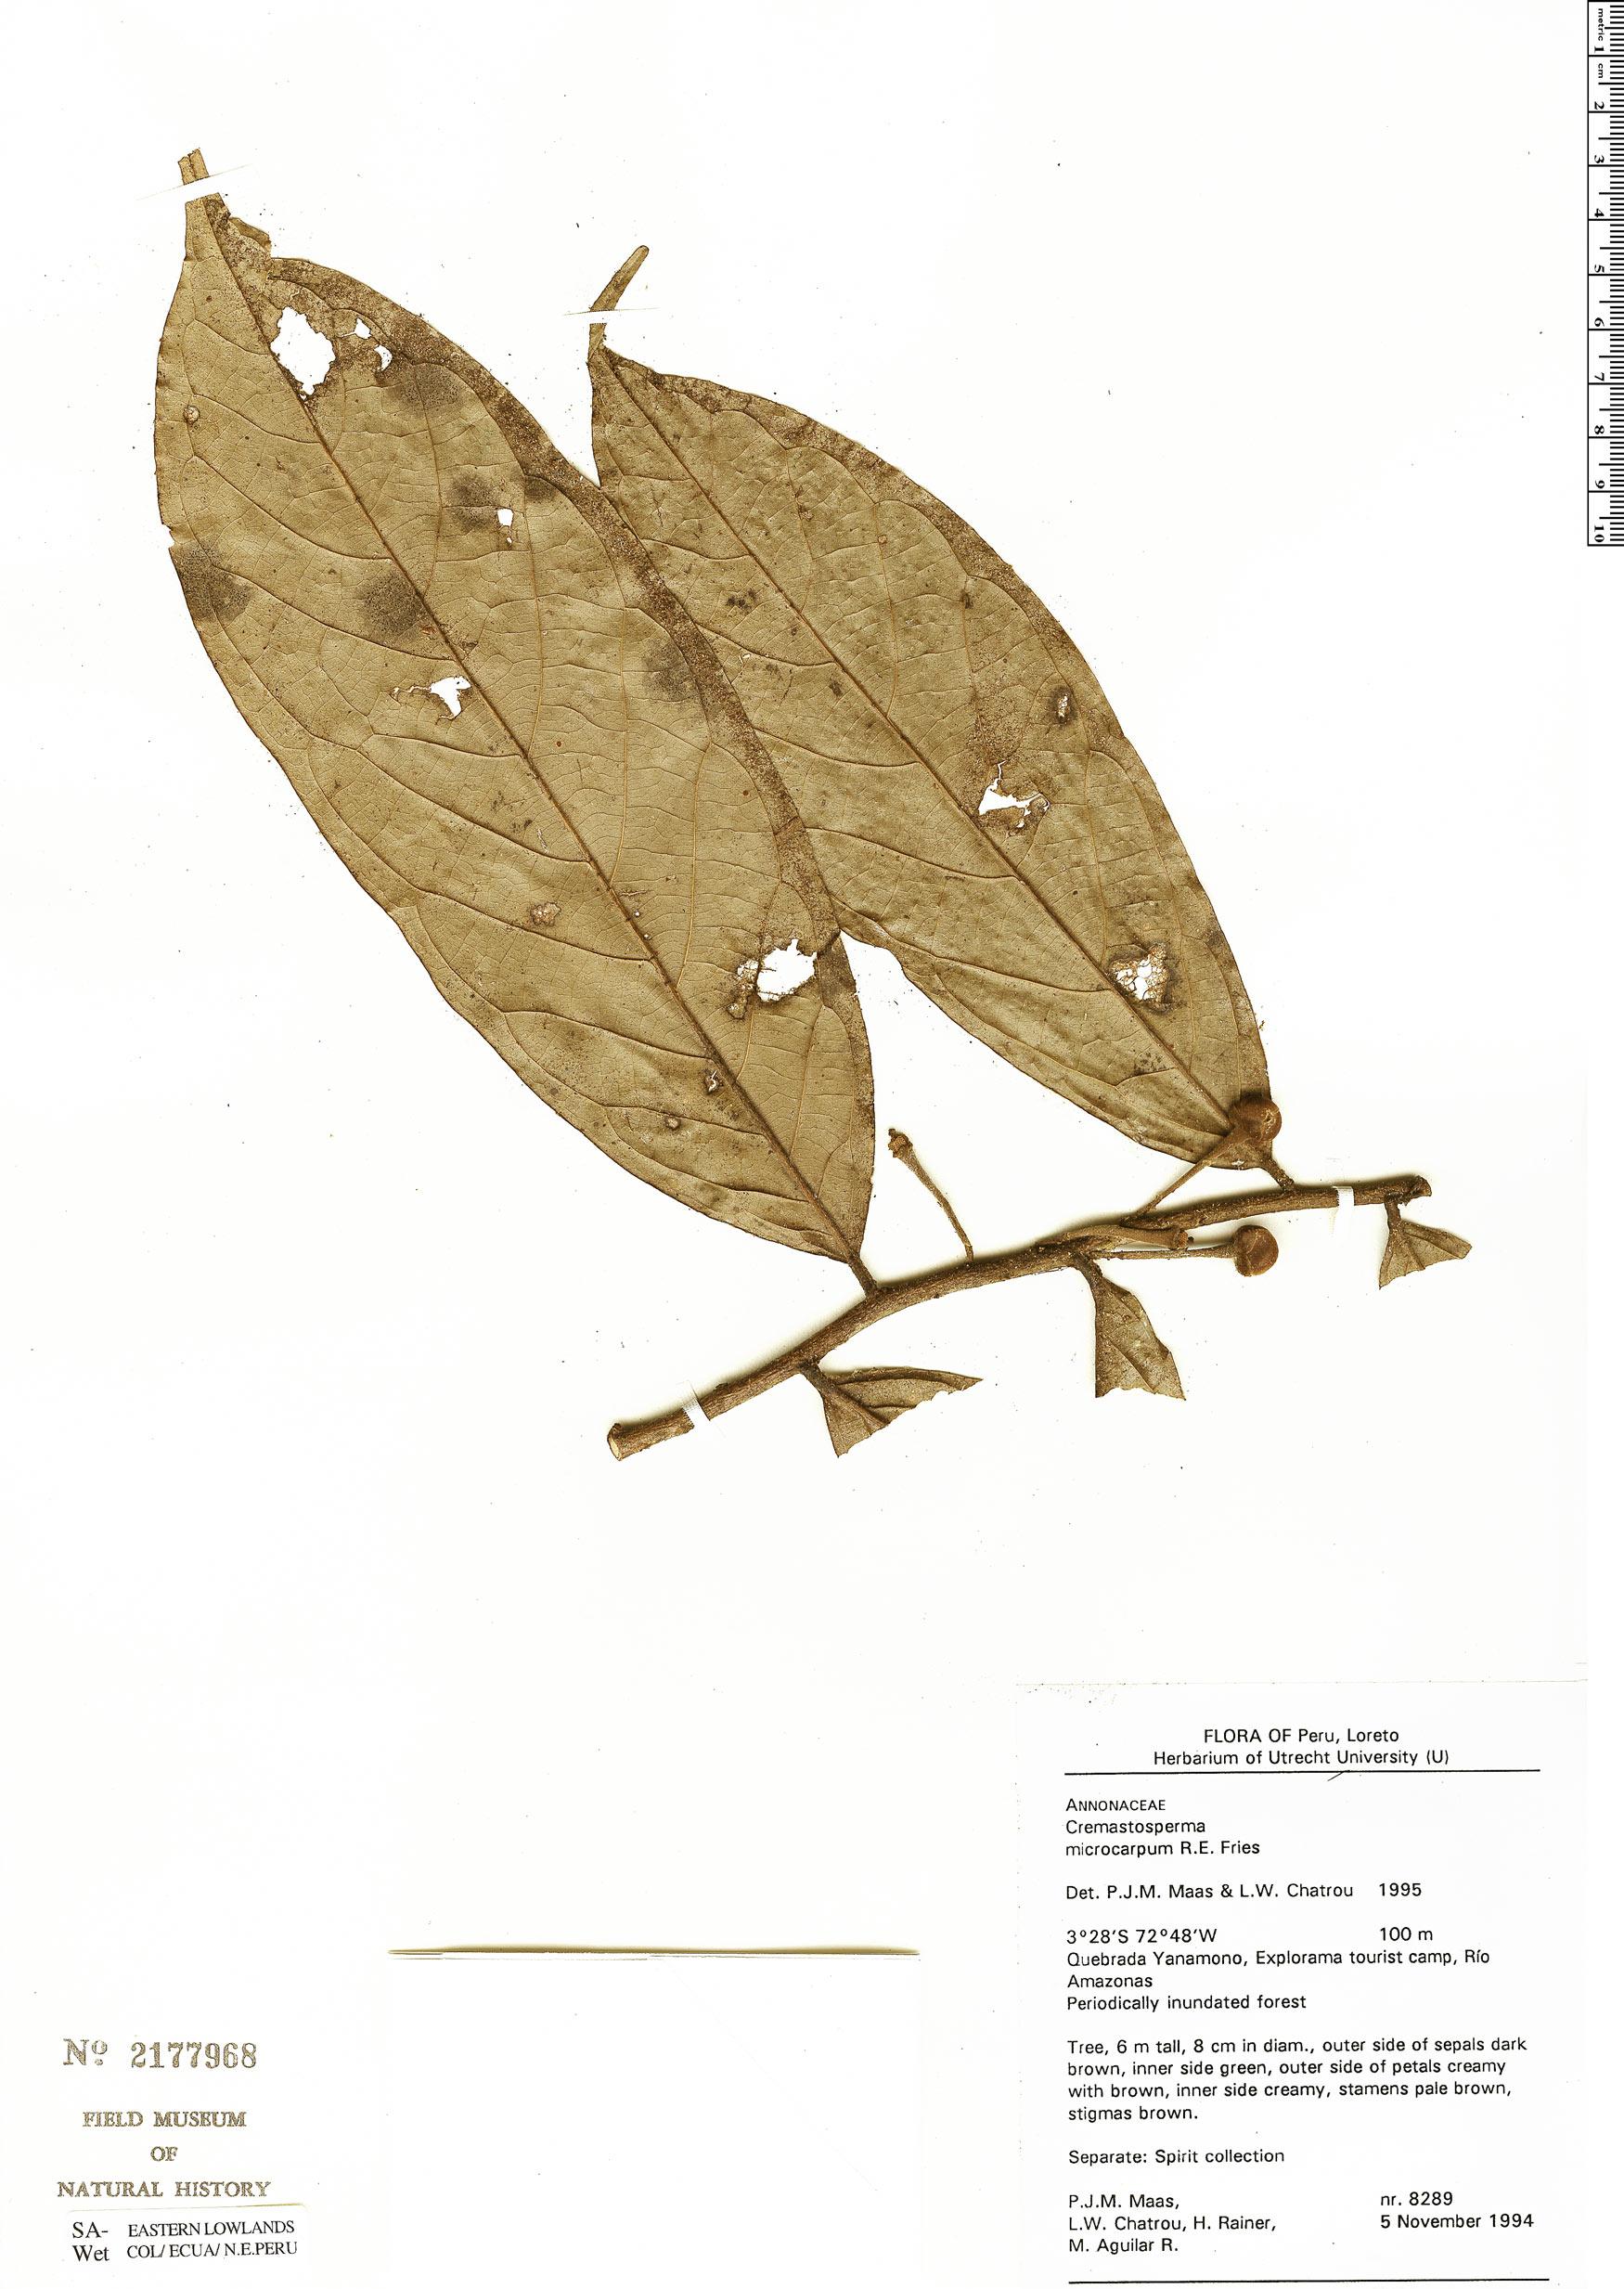 Specimen: Cremastosperma microcarpum